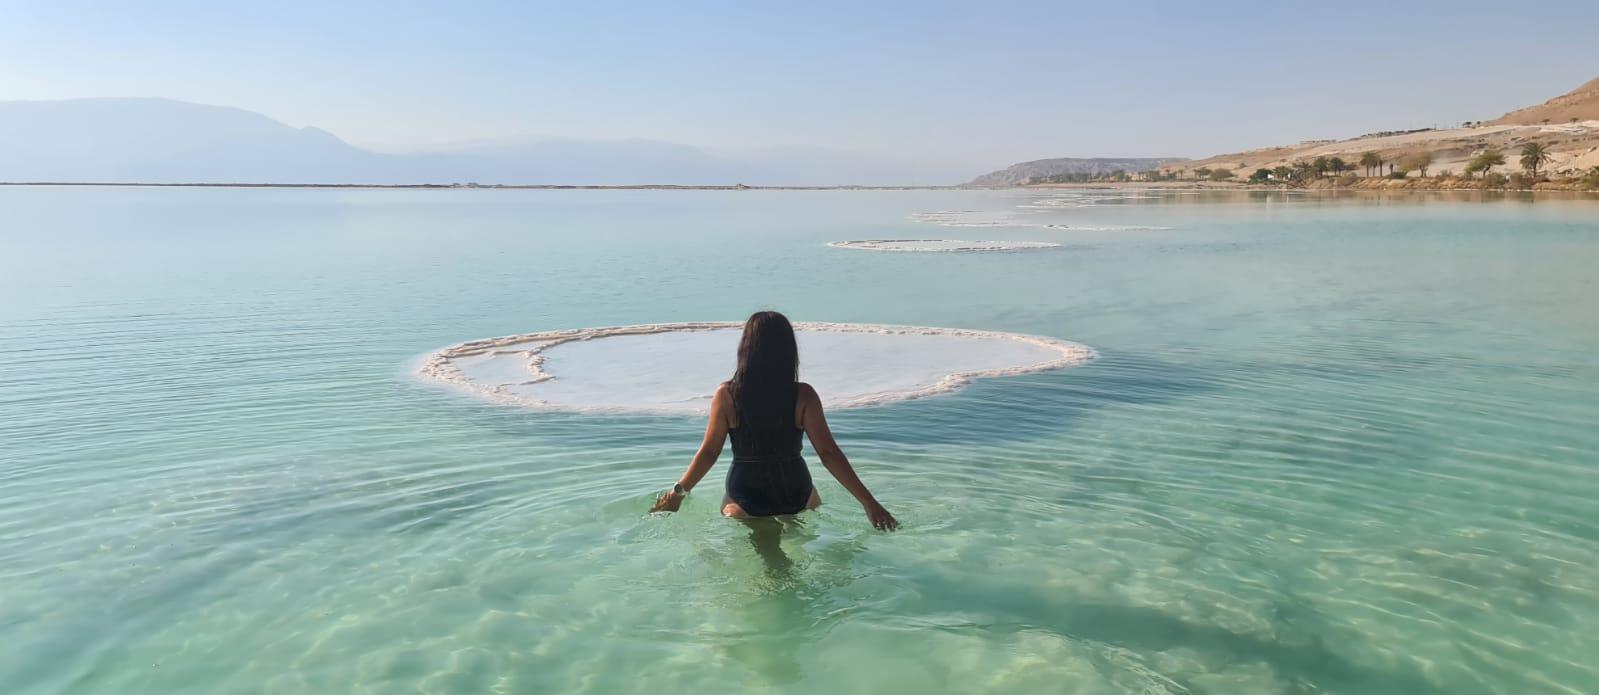 Dead Sea – Israel